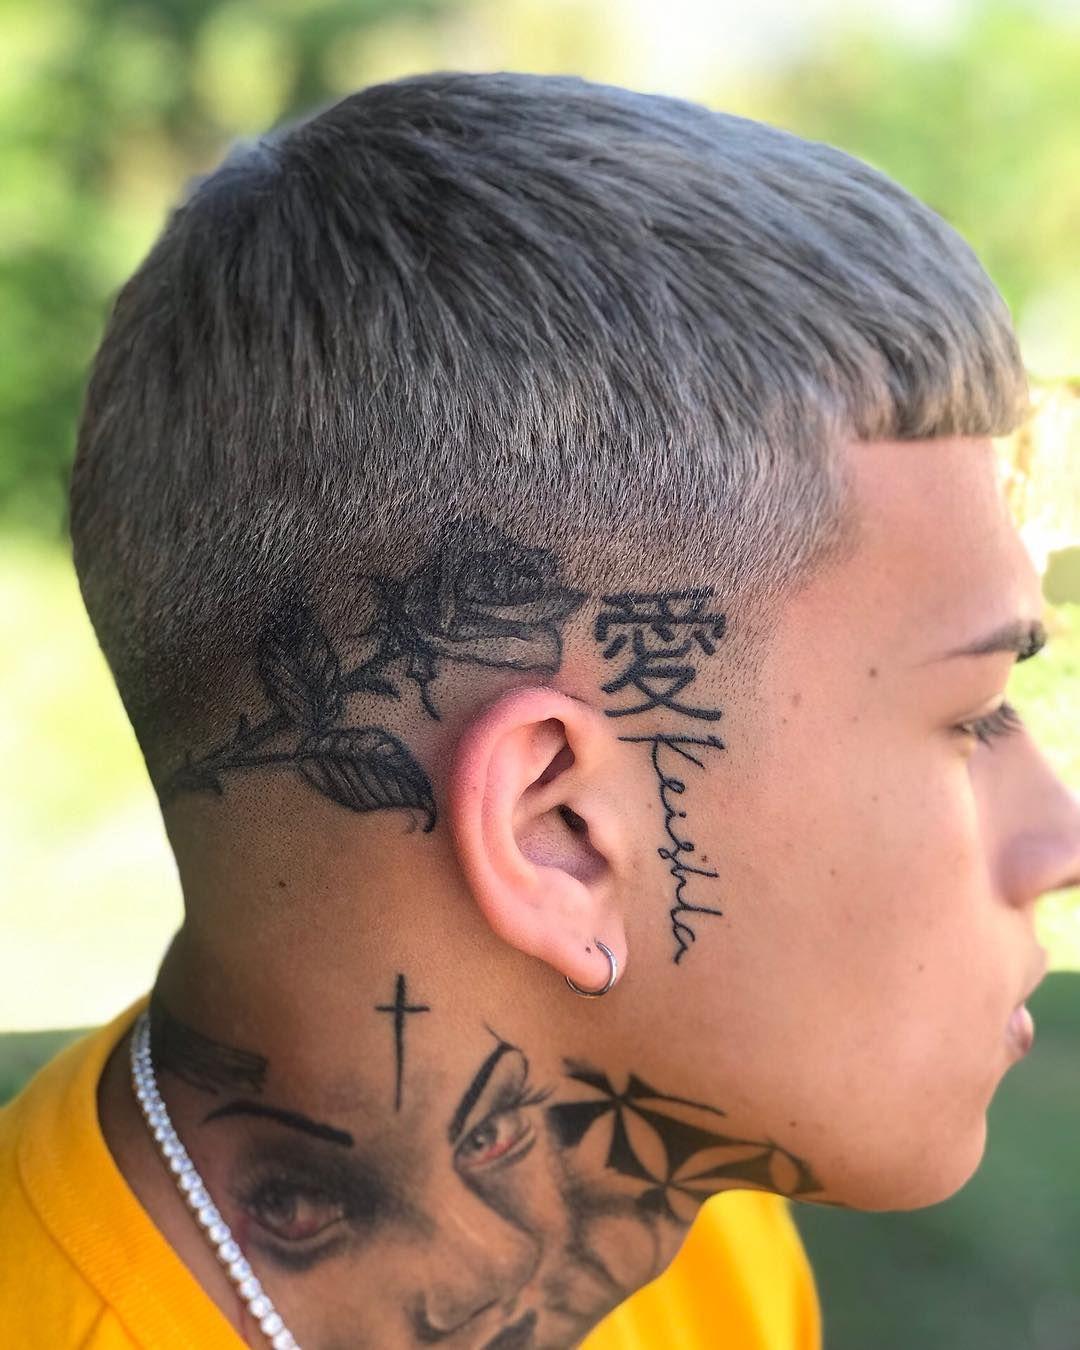 tattoo fade cream reviews